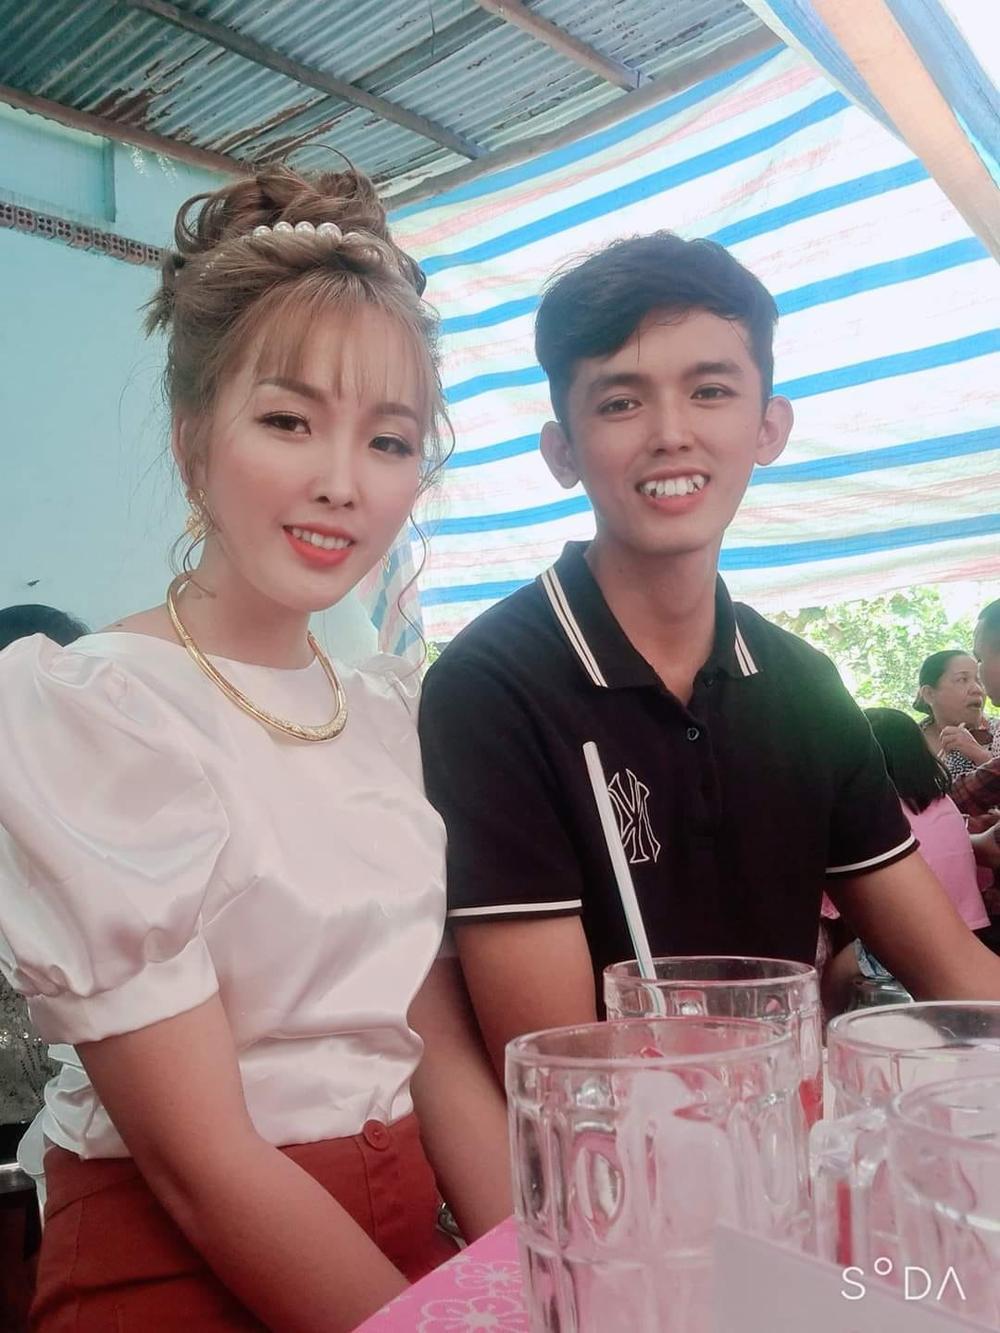 Bất ngờ về vợ sắp cưới của Sang Vlog: Gắn bó 4 năm kể từ lúc chưa có gì, luôn hỗ trợ bạn trai khi gặp khó Ảnh 5